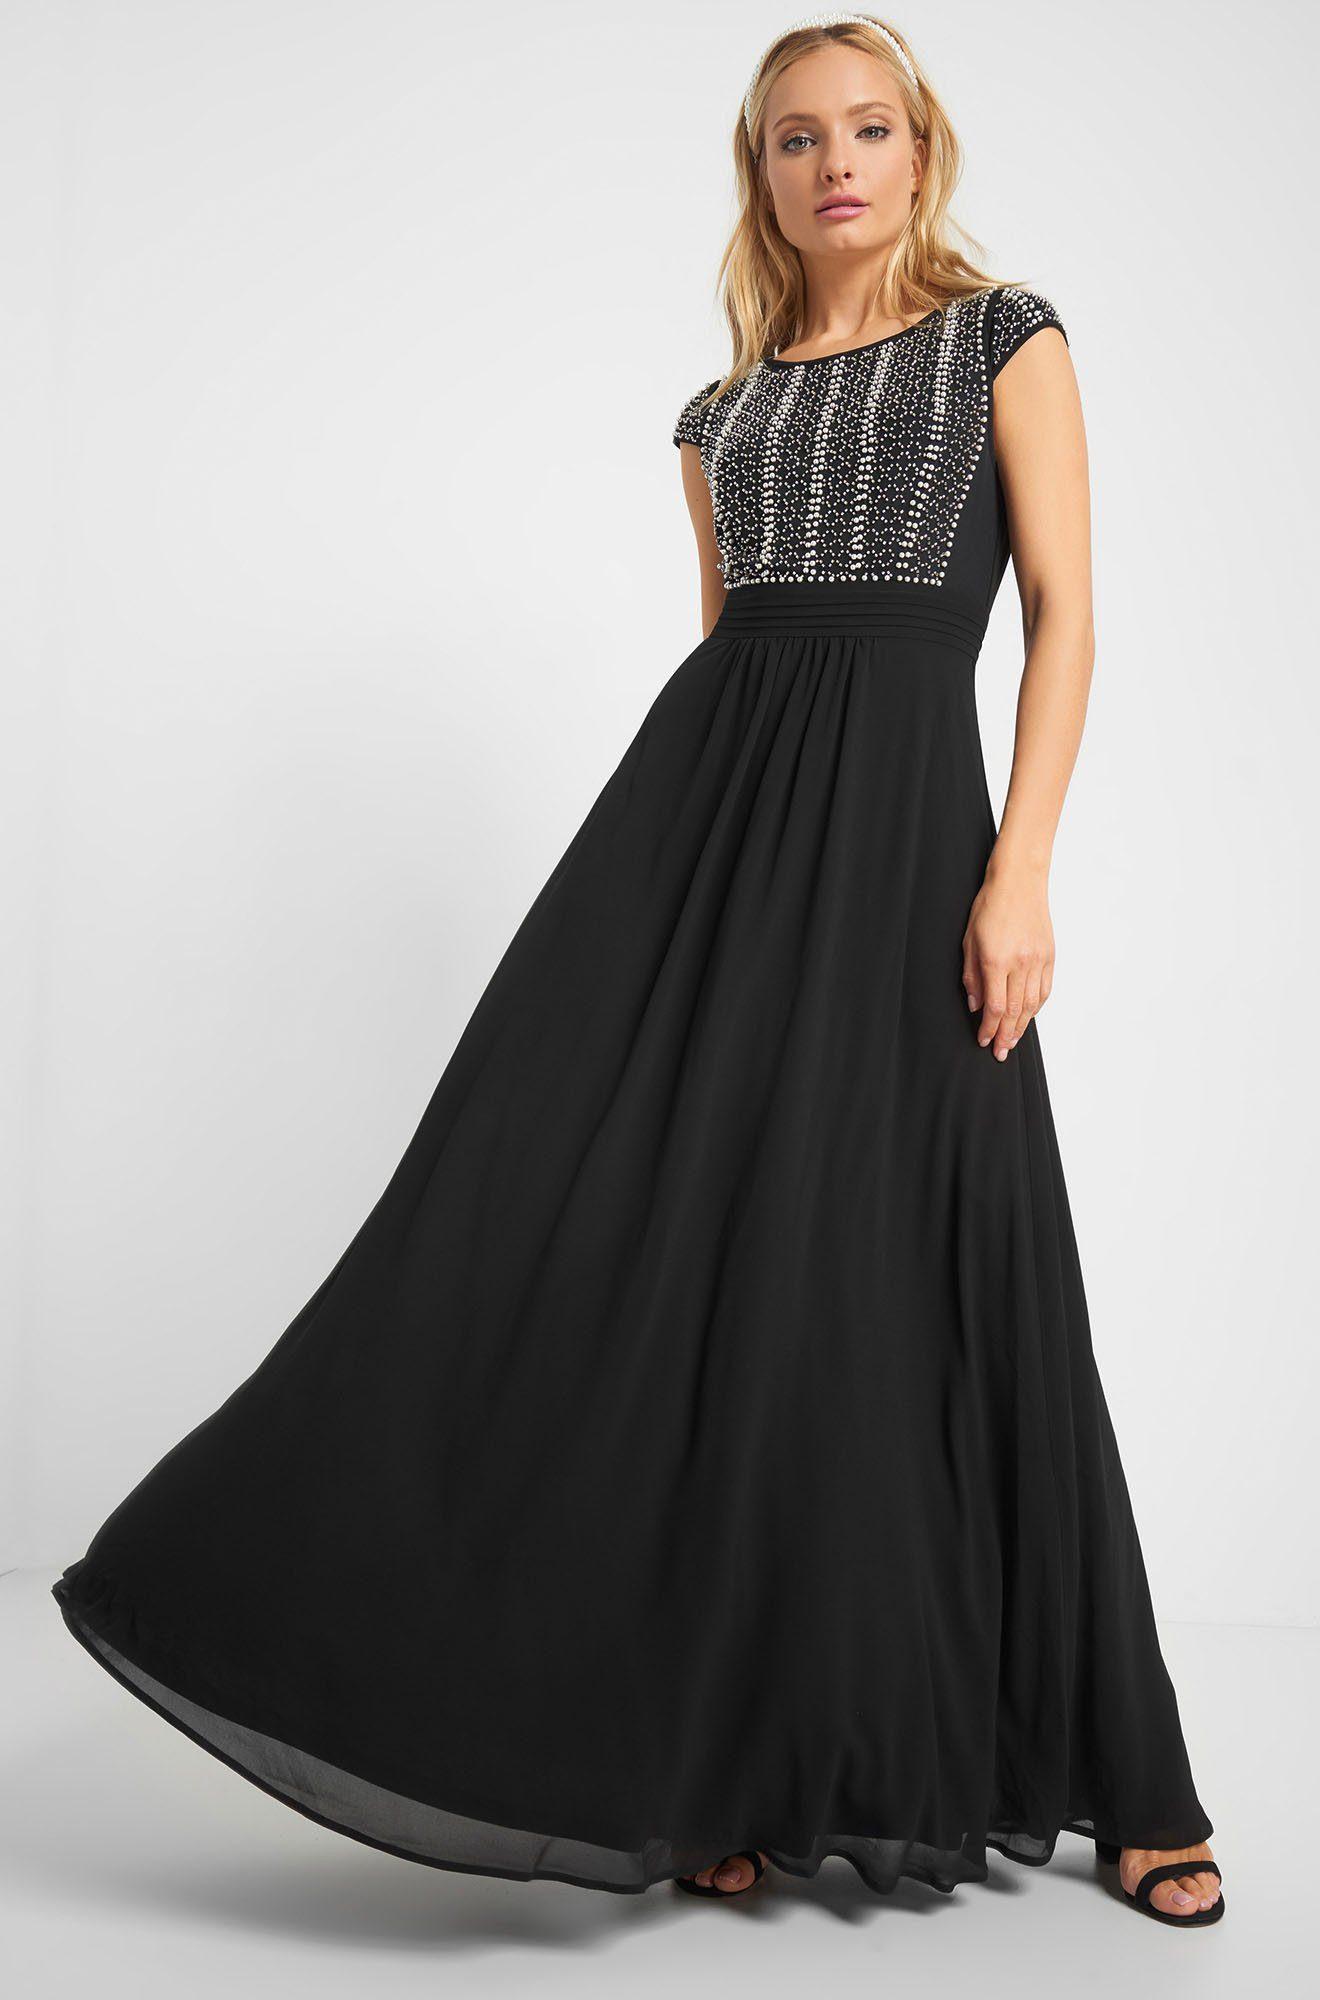 Designer Elegant Orsay Abend Kleid Boutique17 Schön Orsay Abend Kleid Galerie